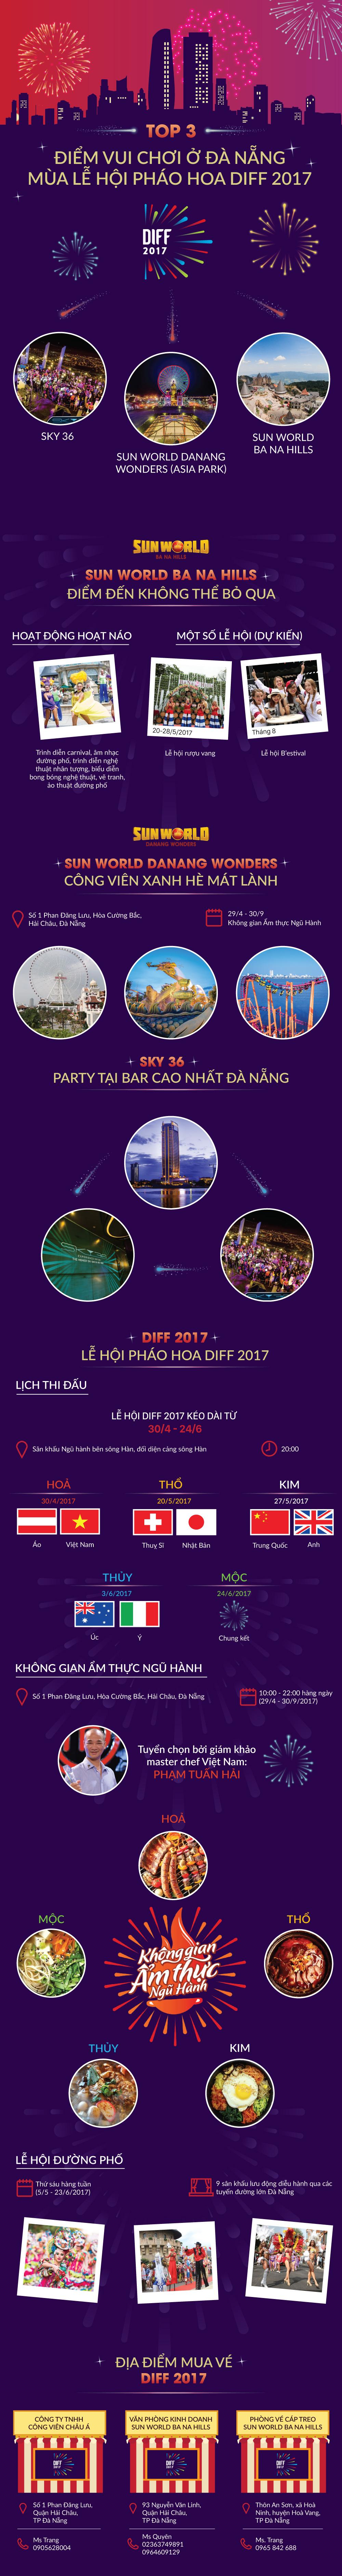 Xem pháo hoa và check in 3 điểm vui chơi hot ở Đà Nẵng